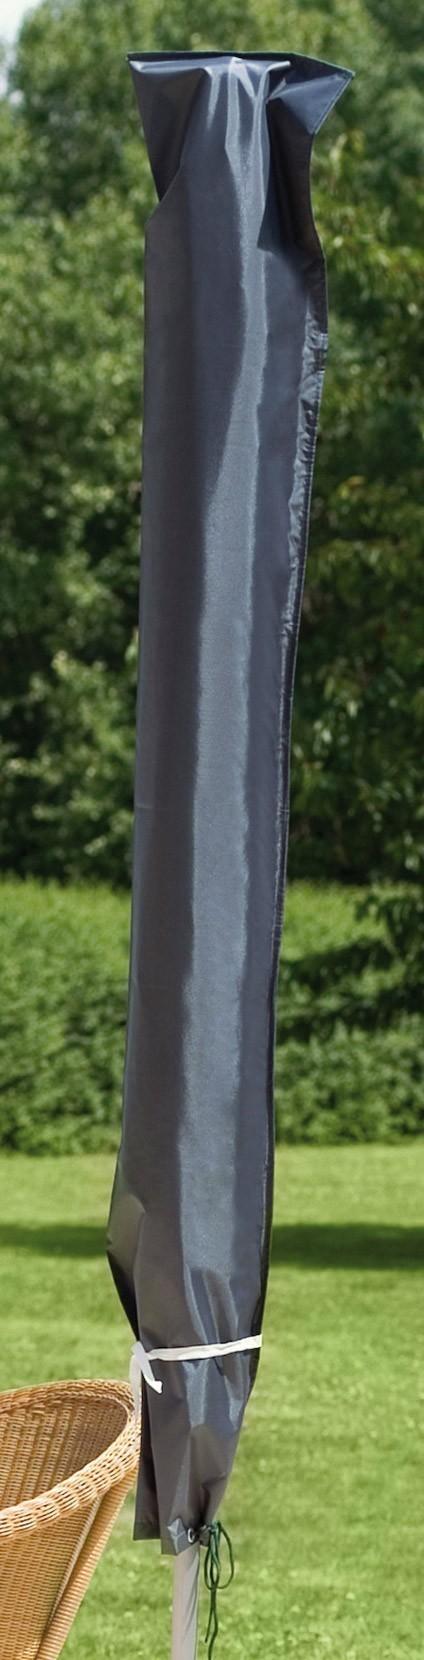 Schutzhülle Deluxe Wehncke für Schirme Ø 300cm anthrazit Bild 1